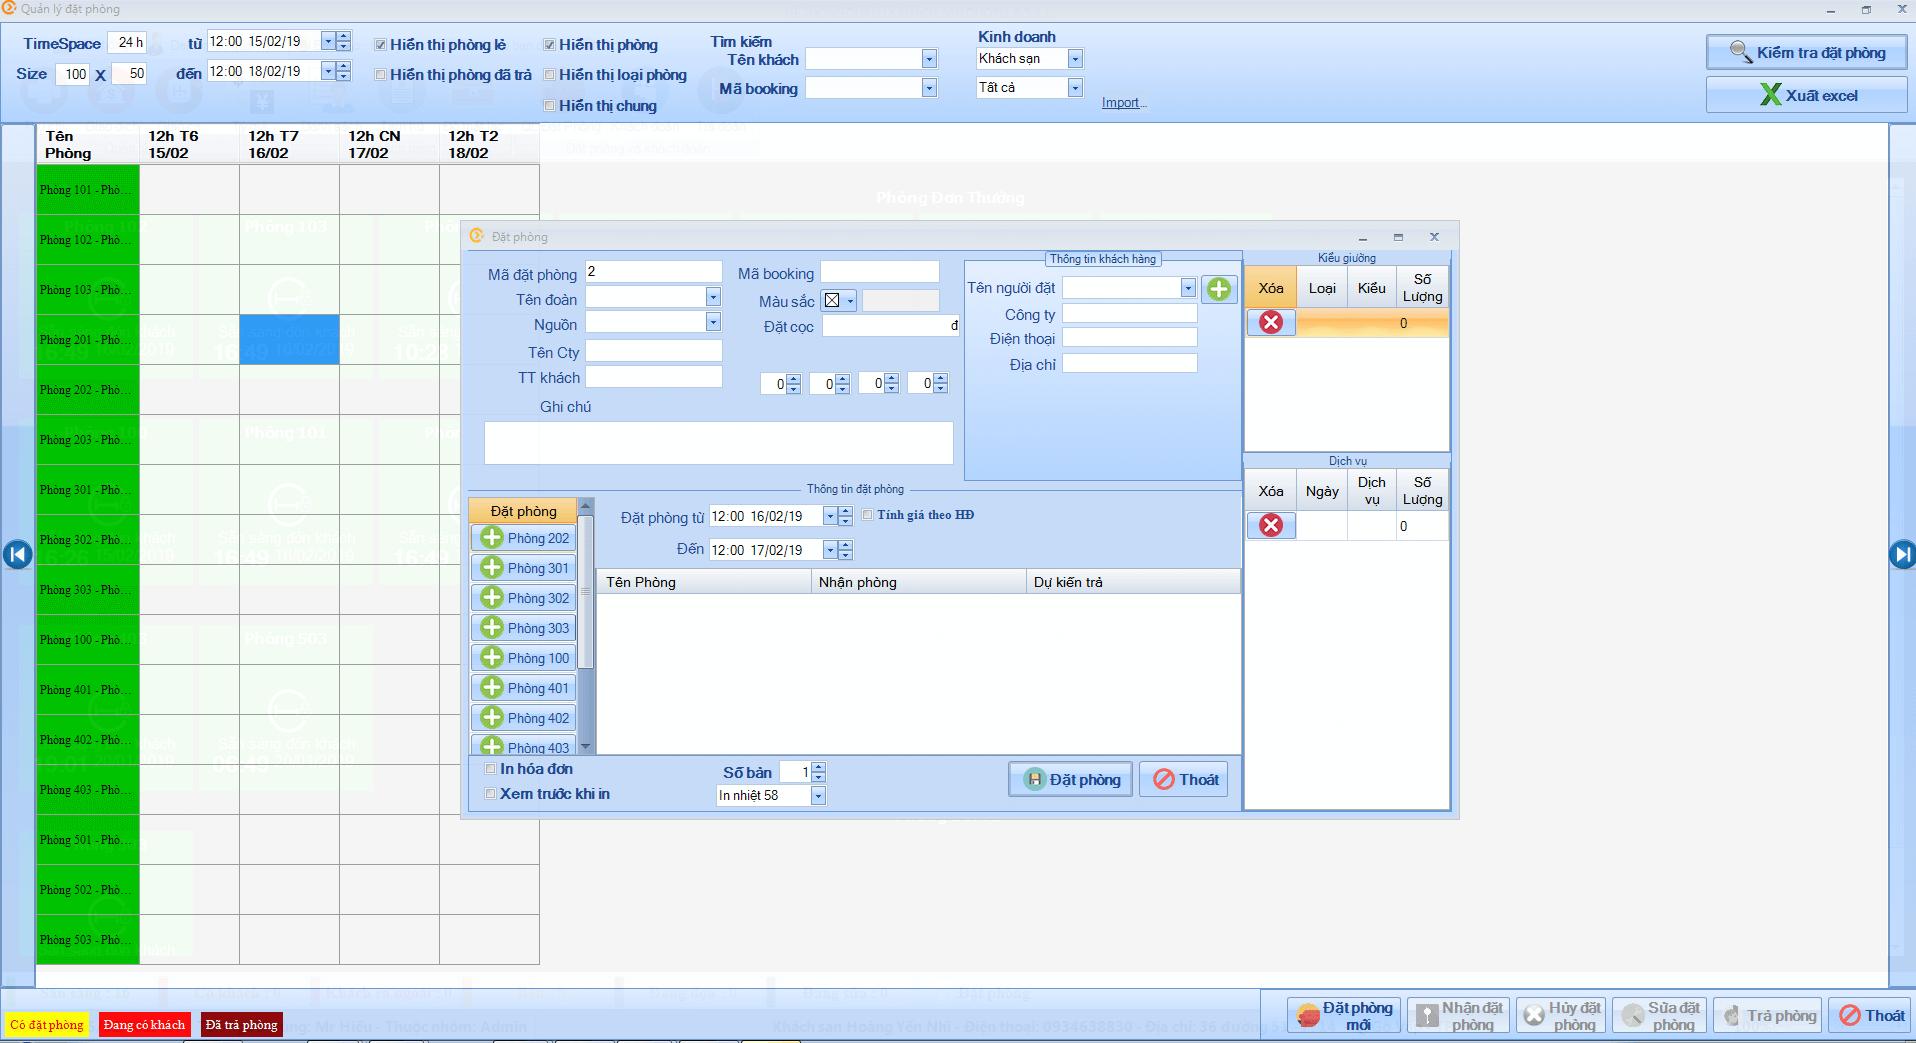 Sử dụng phần mềm quản lý đặt phòng hỗ trợ cho bộ phận lễ tân hiệu quả